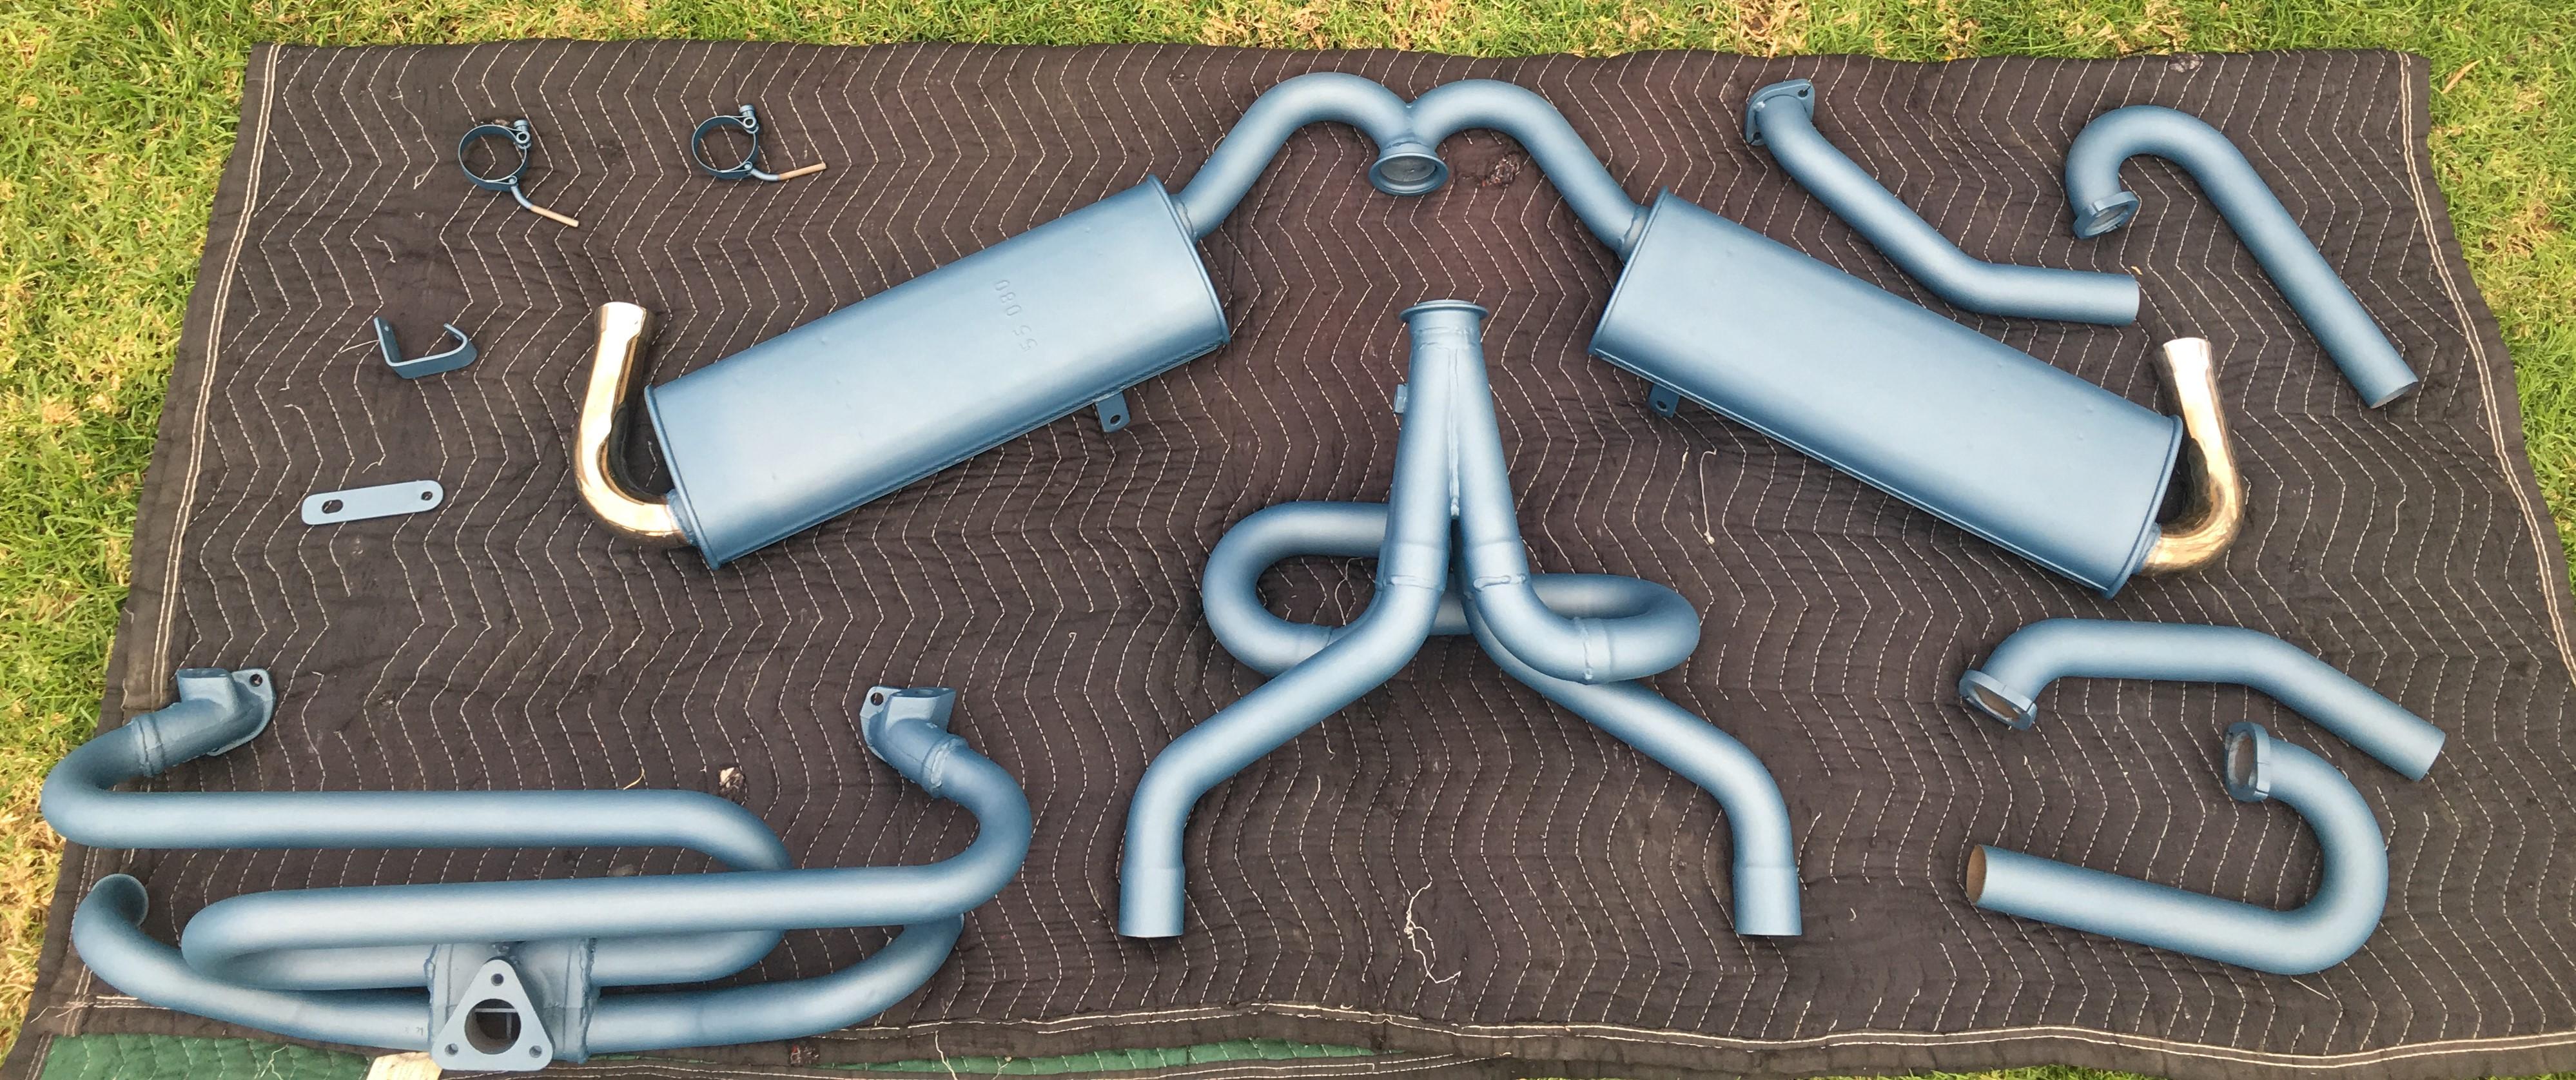 Cerakote Blue Titanium Lot 000